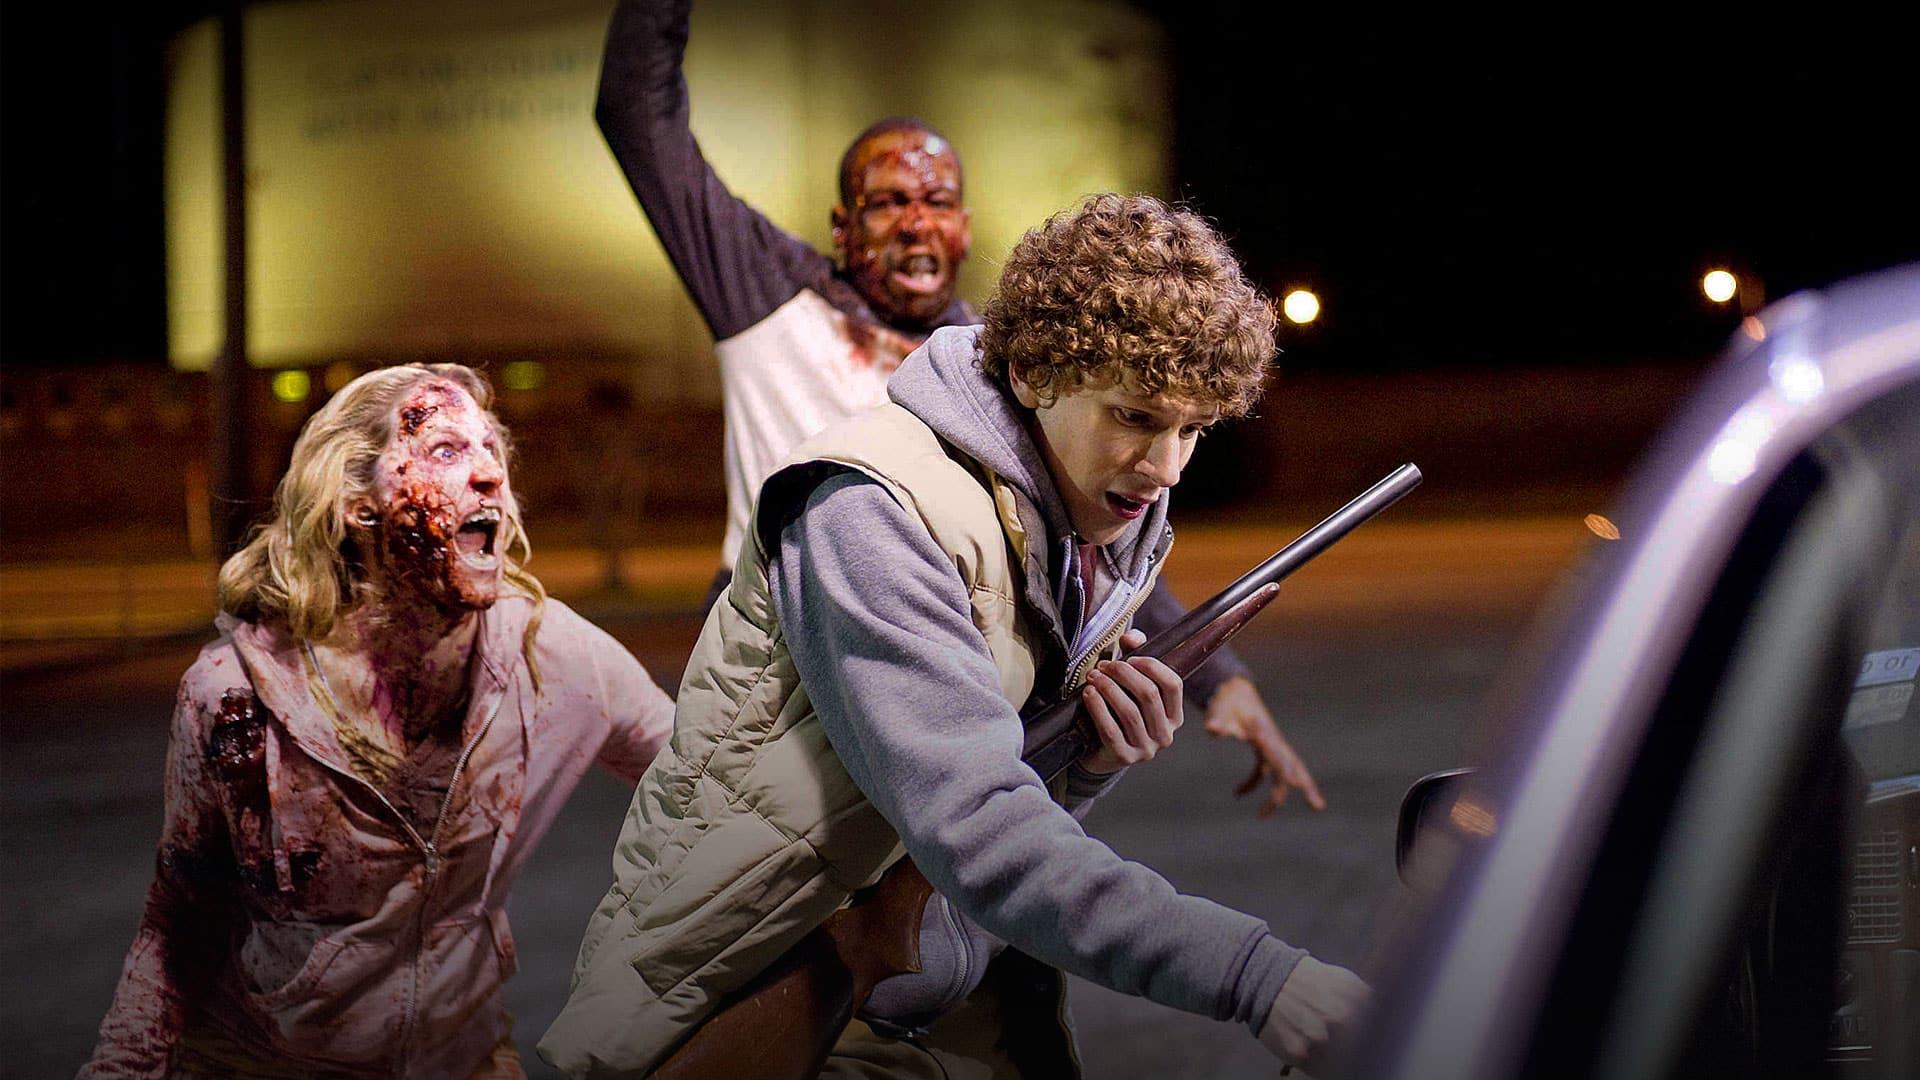 برترین فیلمهای ترسناک با محوریت زامبی